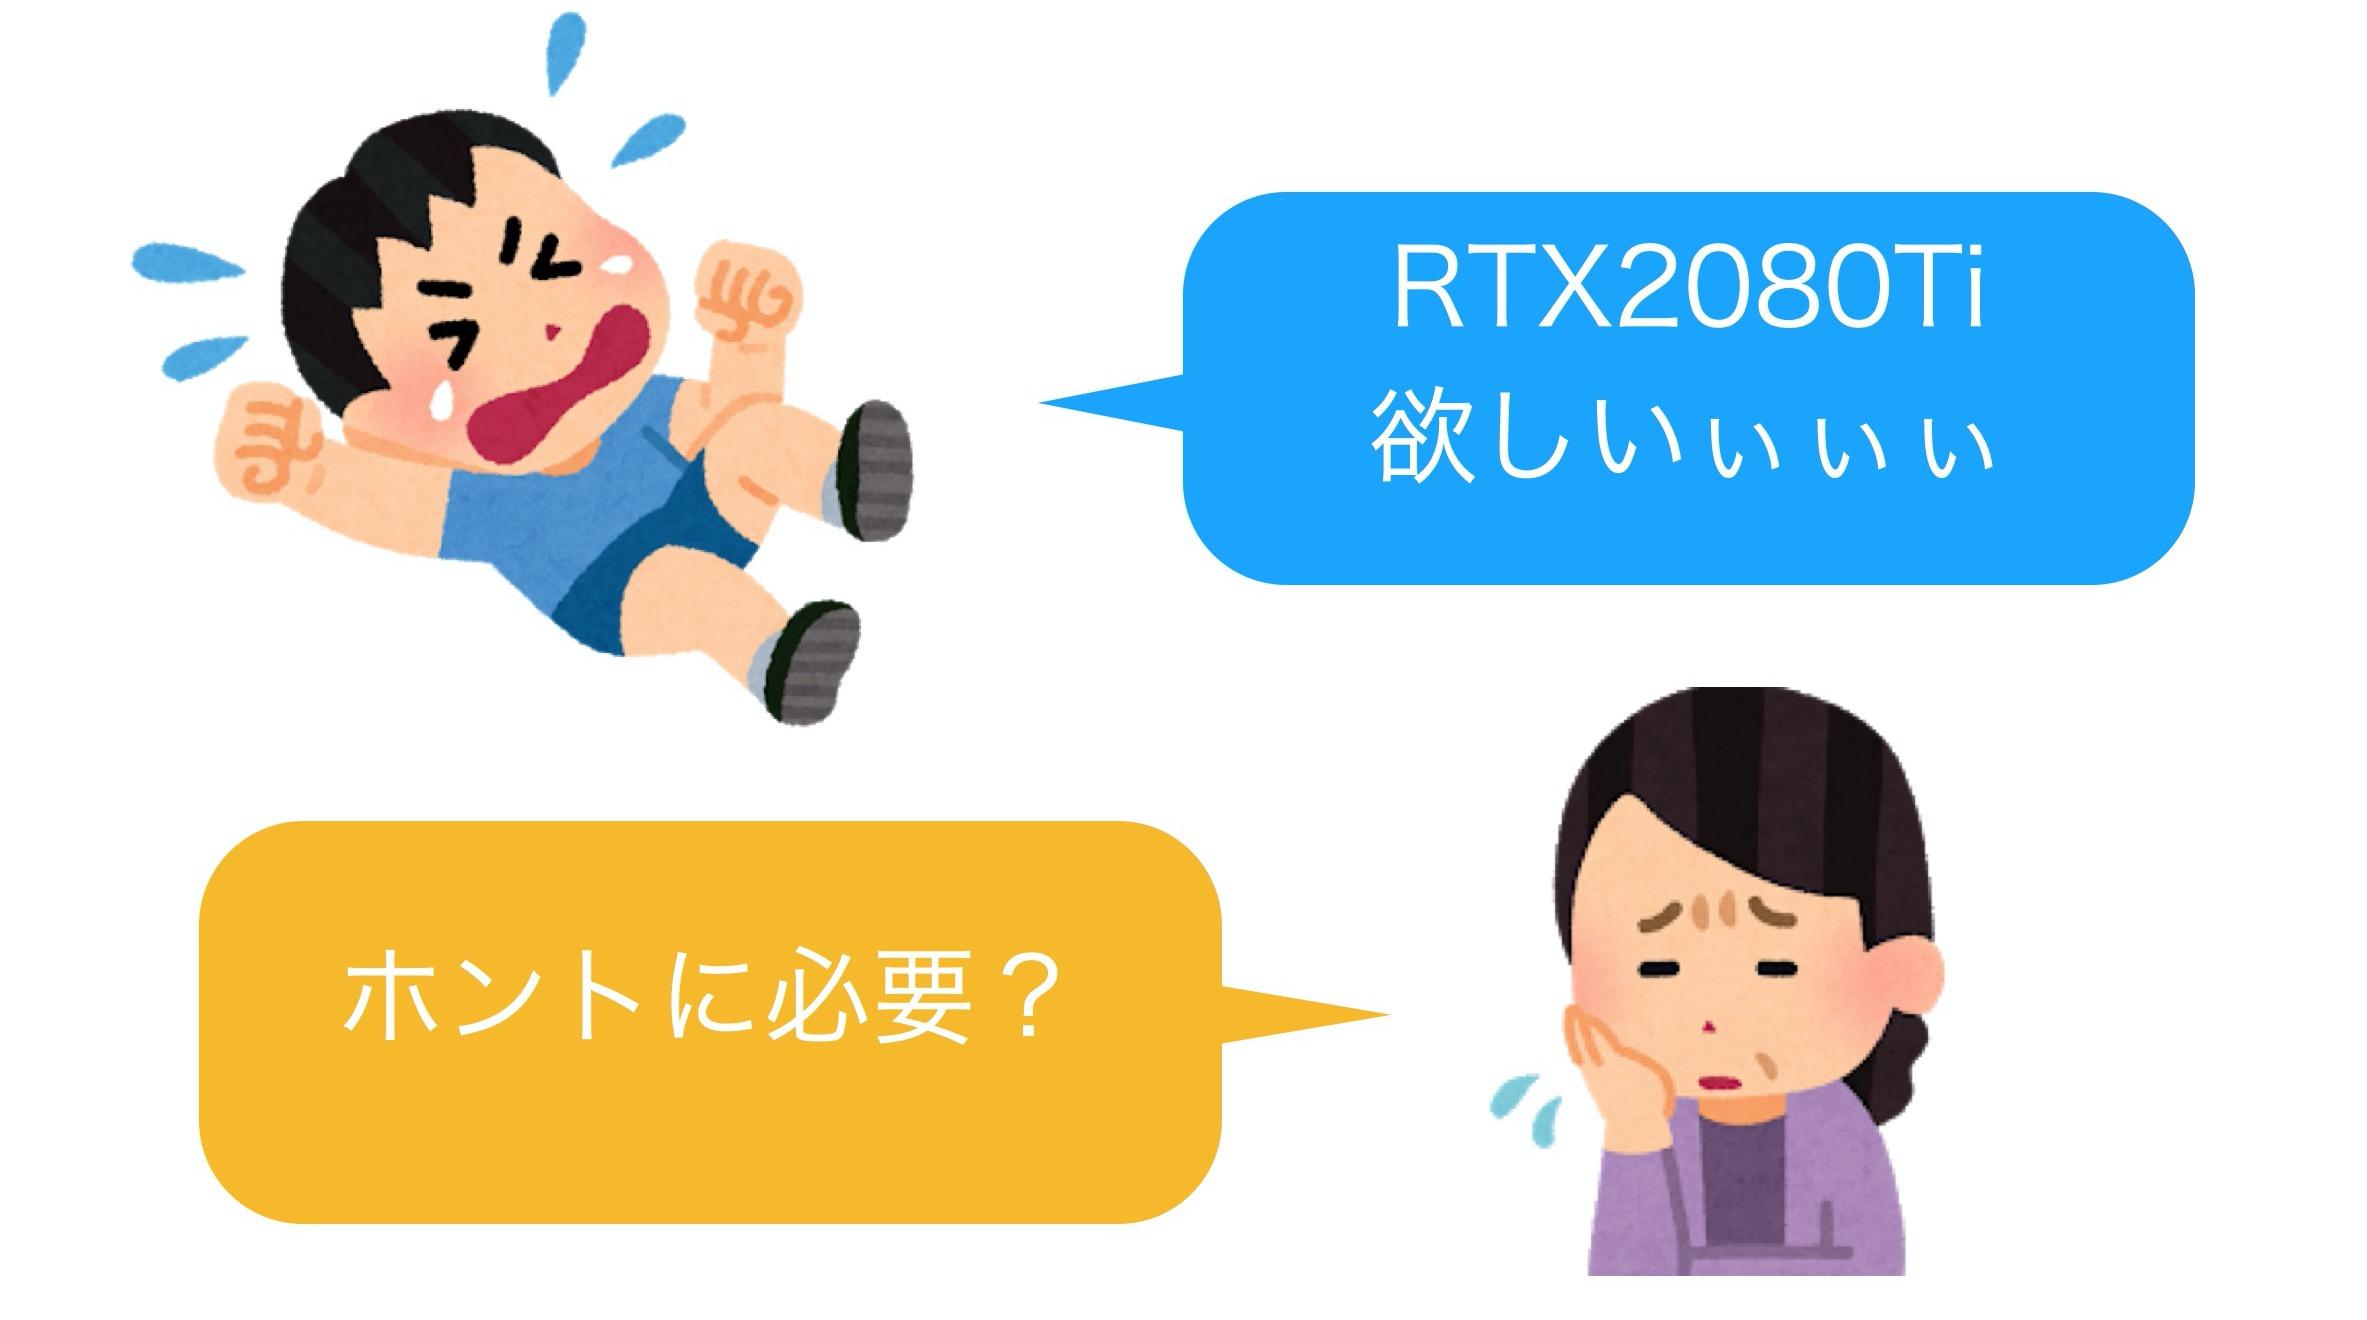 RTX2080Tiがおすすな人